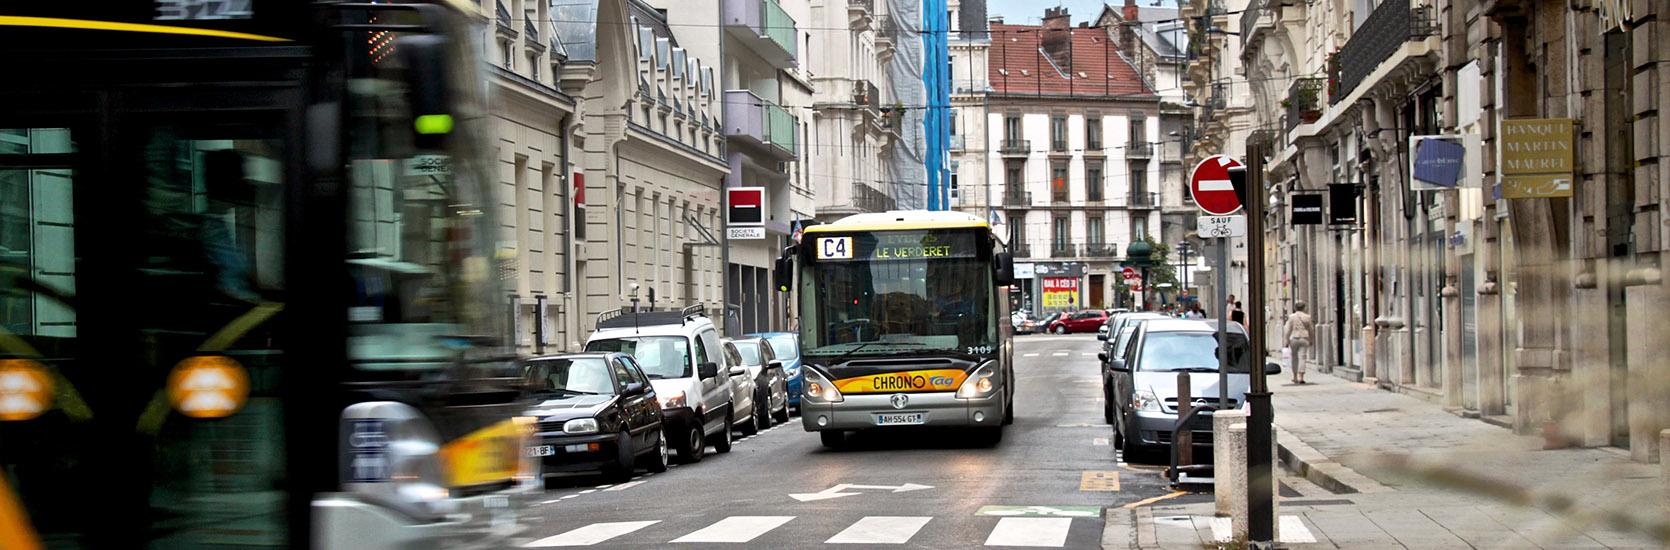 slider-2-buses